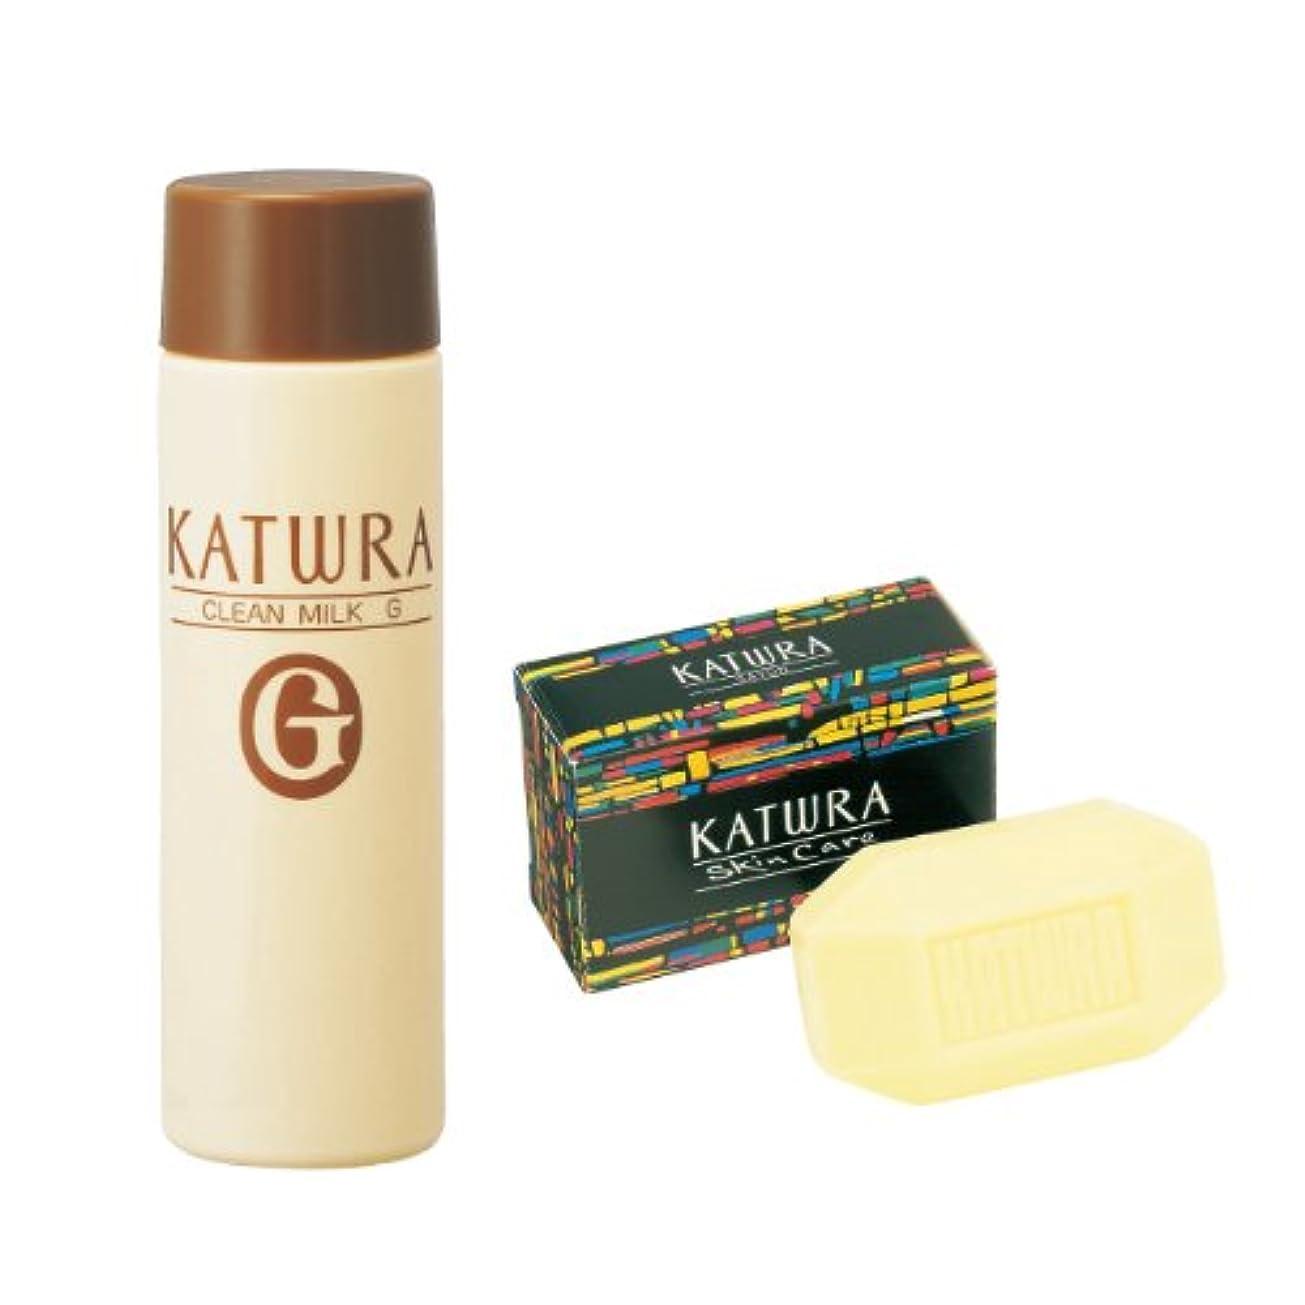 プレフィックス発明サーキットに行くカツウラ洗顔セット2(クリンミルクG150ml+サボン無香料100g)